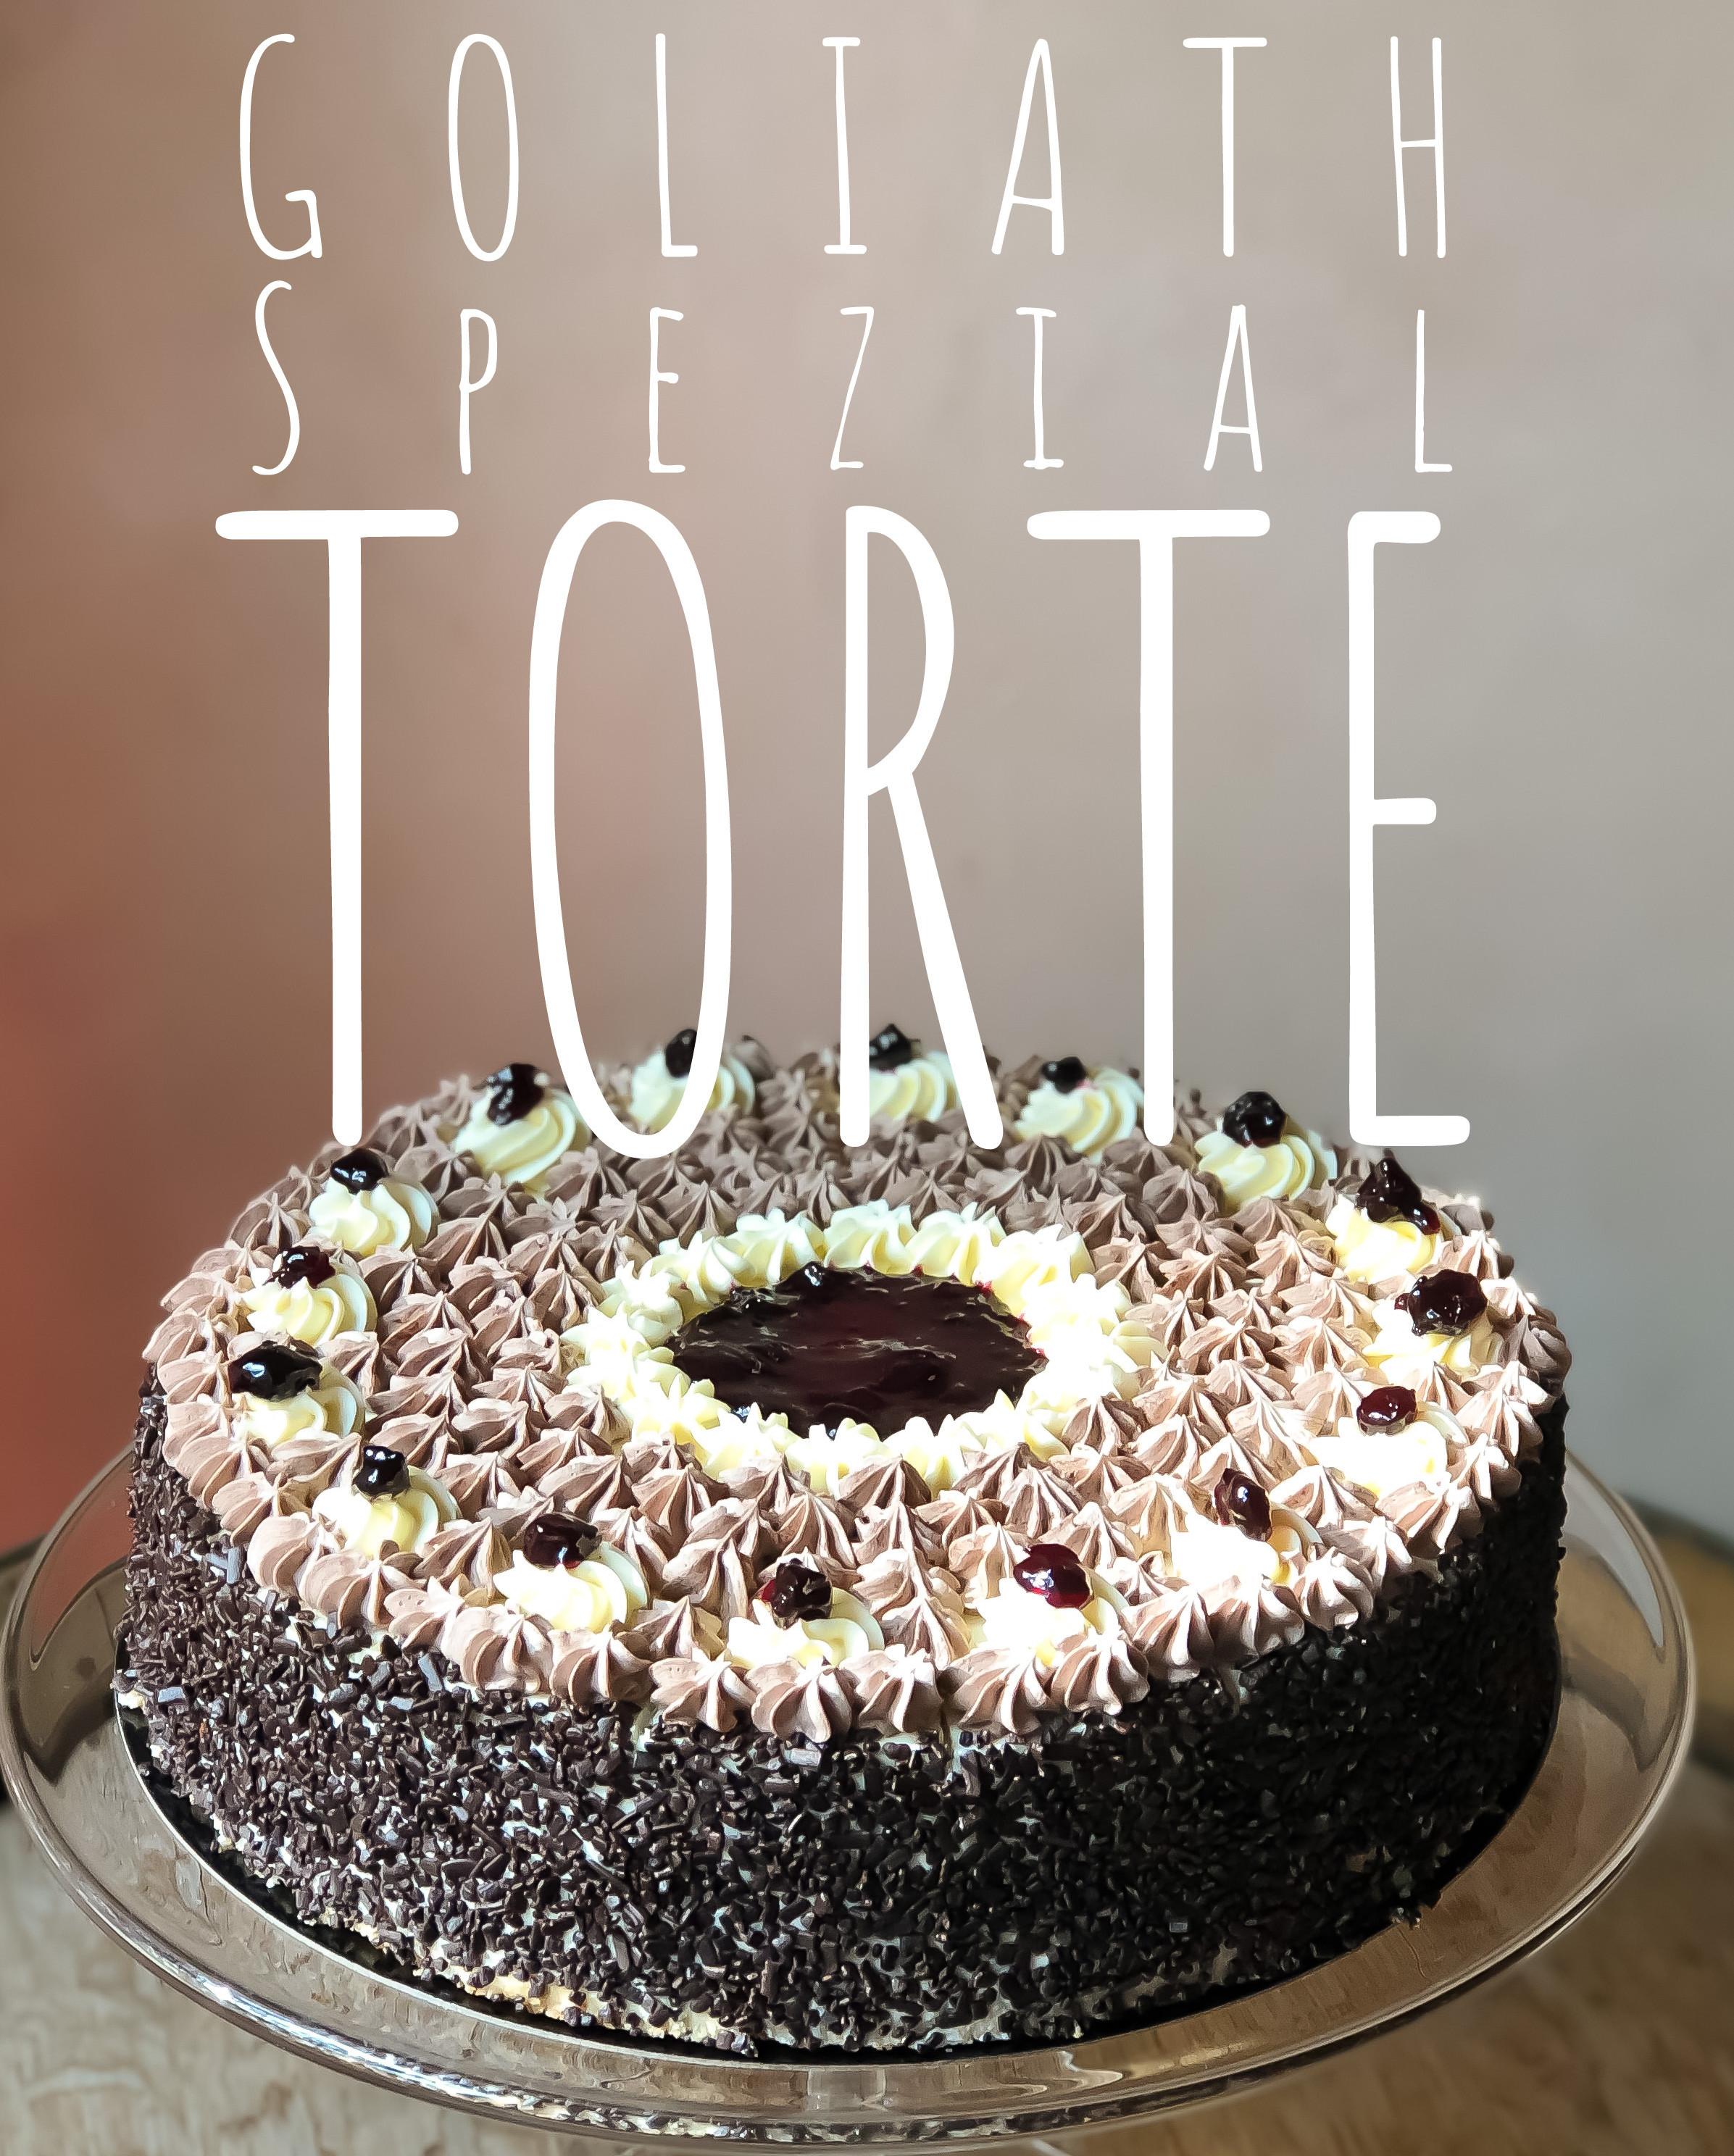 12. Goliath Spezial Torte